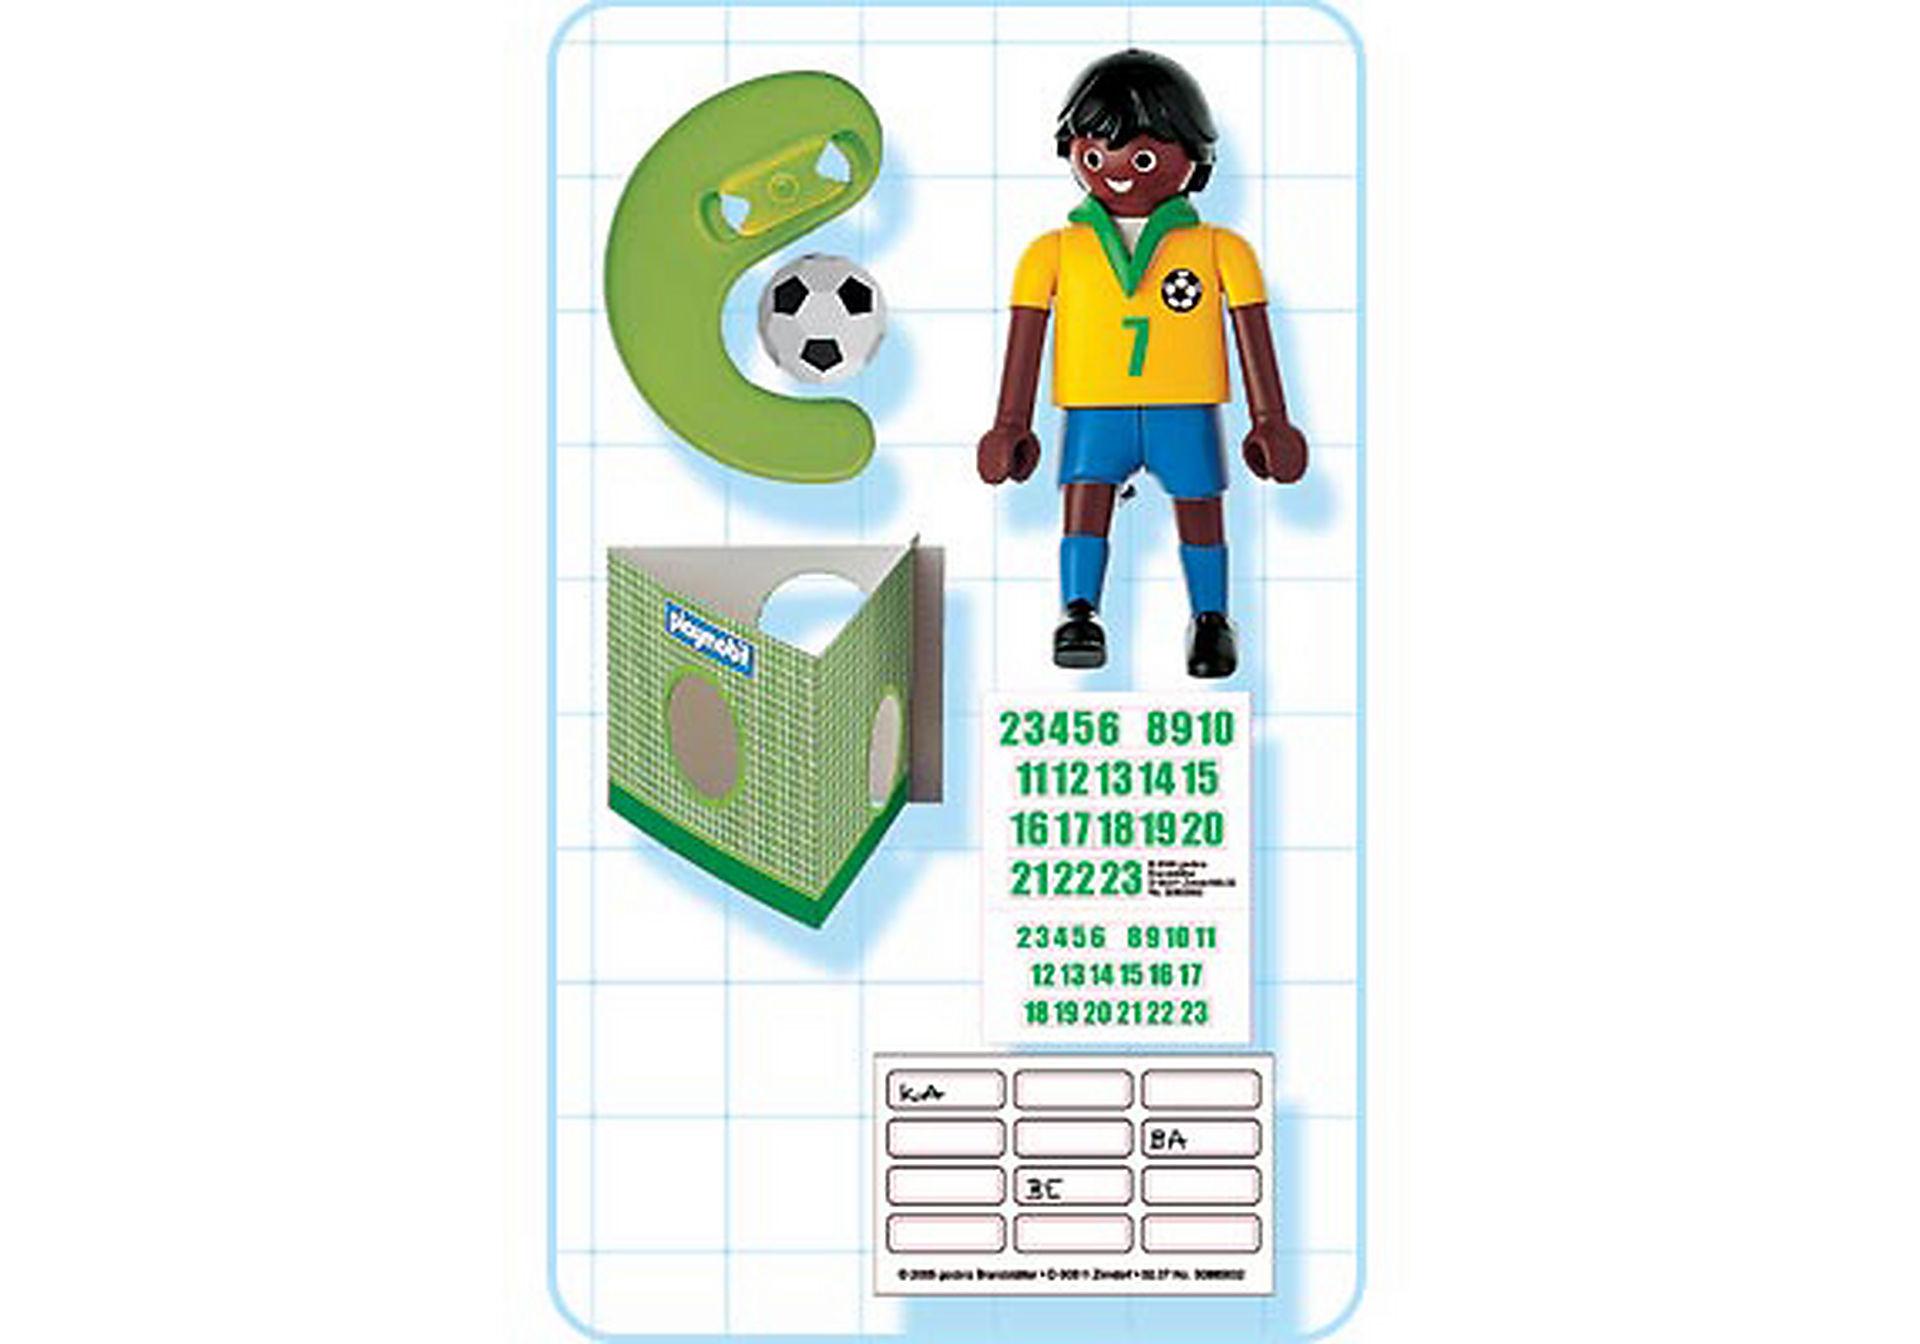 4707-A Fußballspieler Brasilien zoom image2